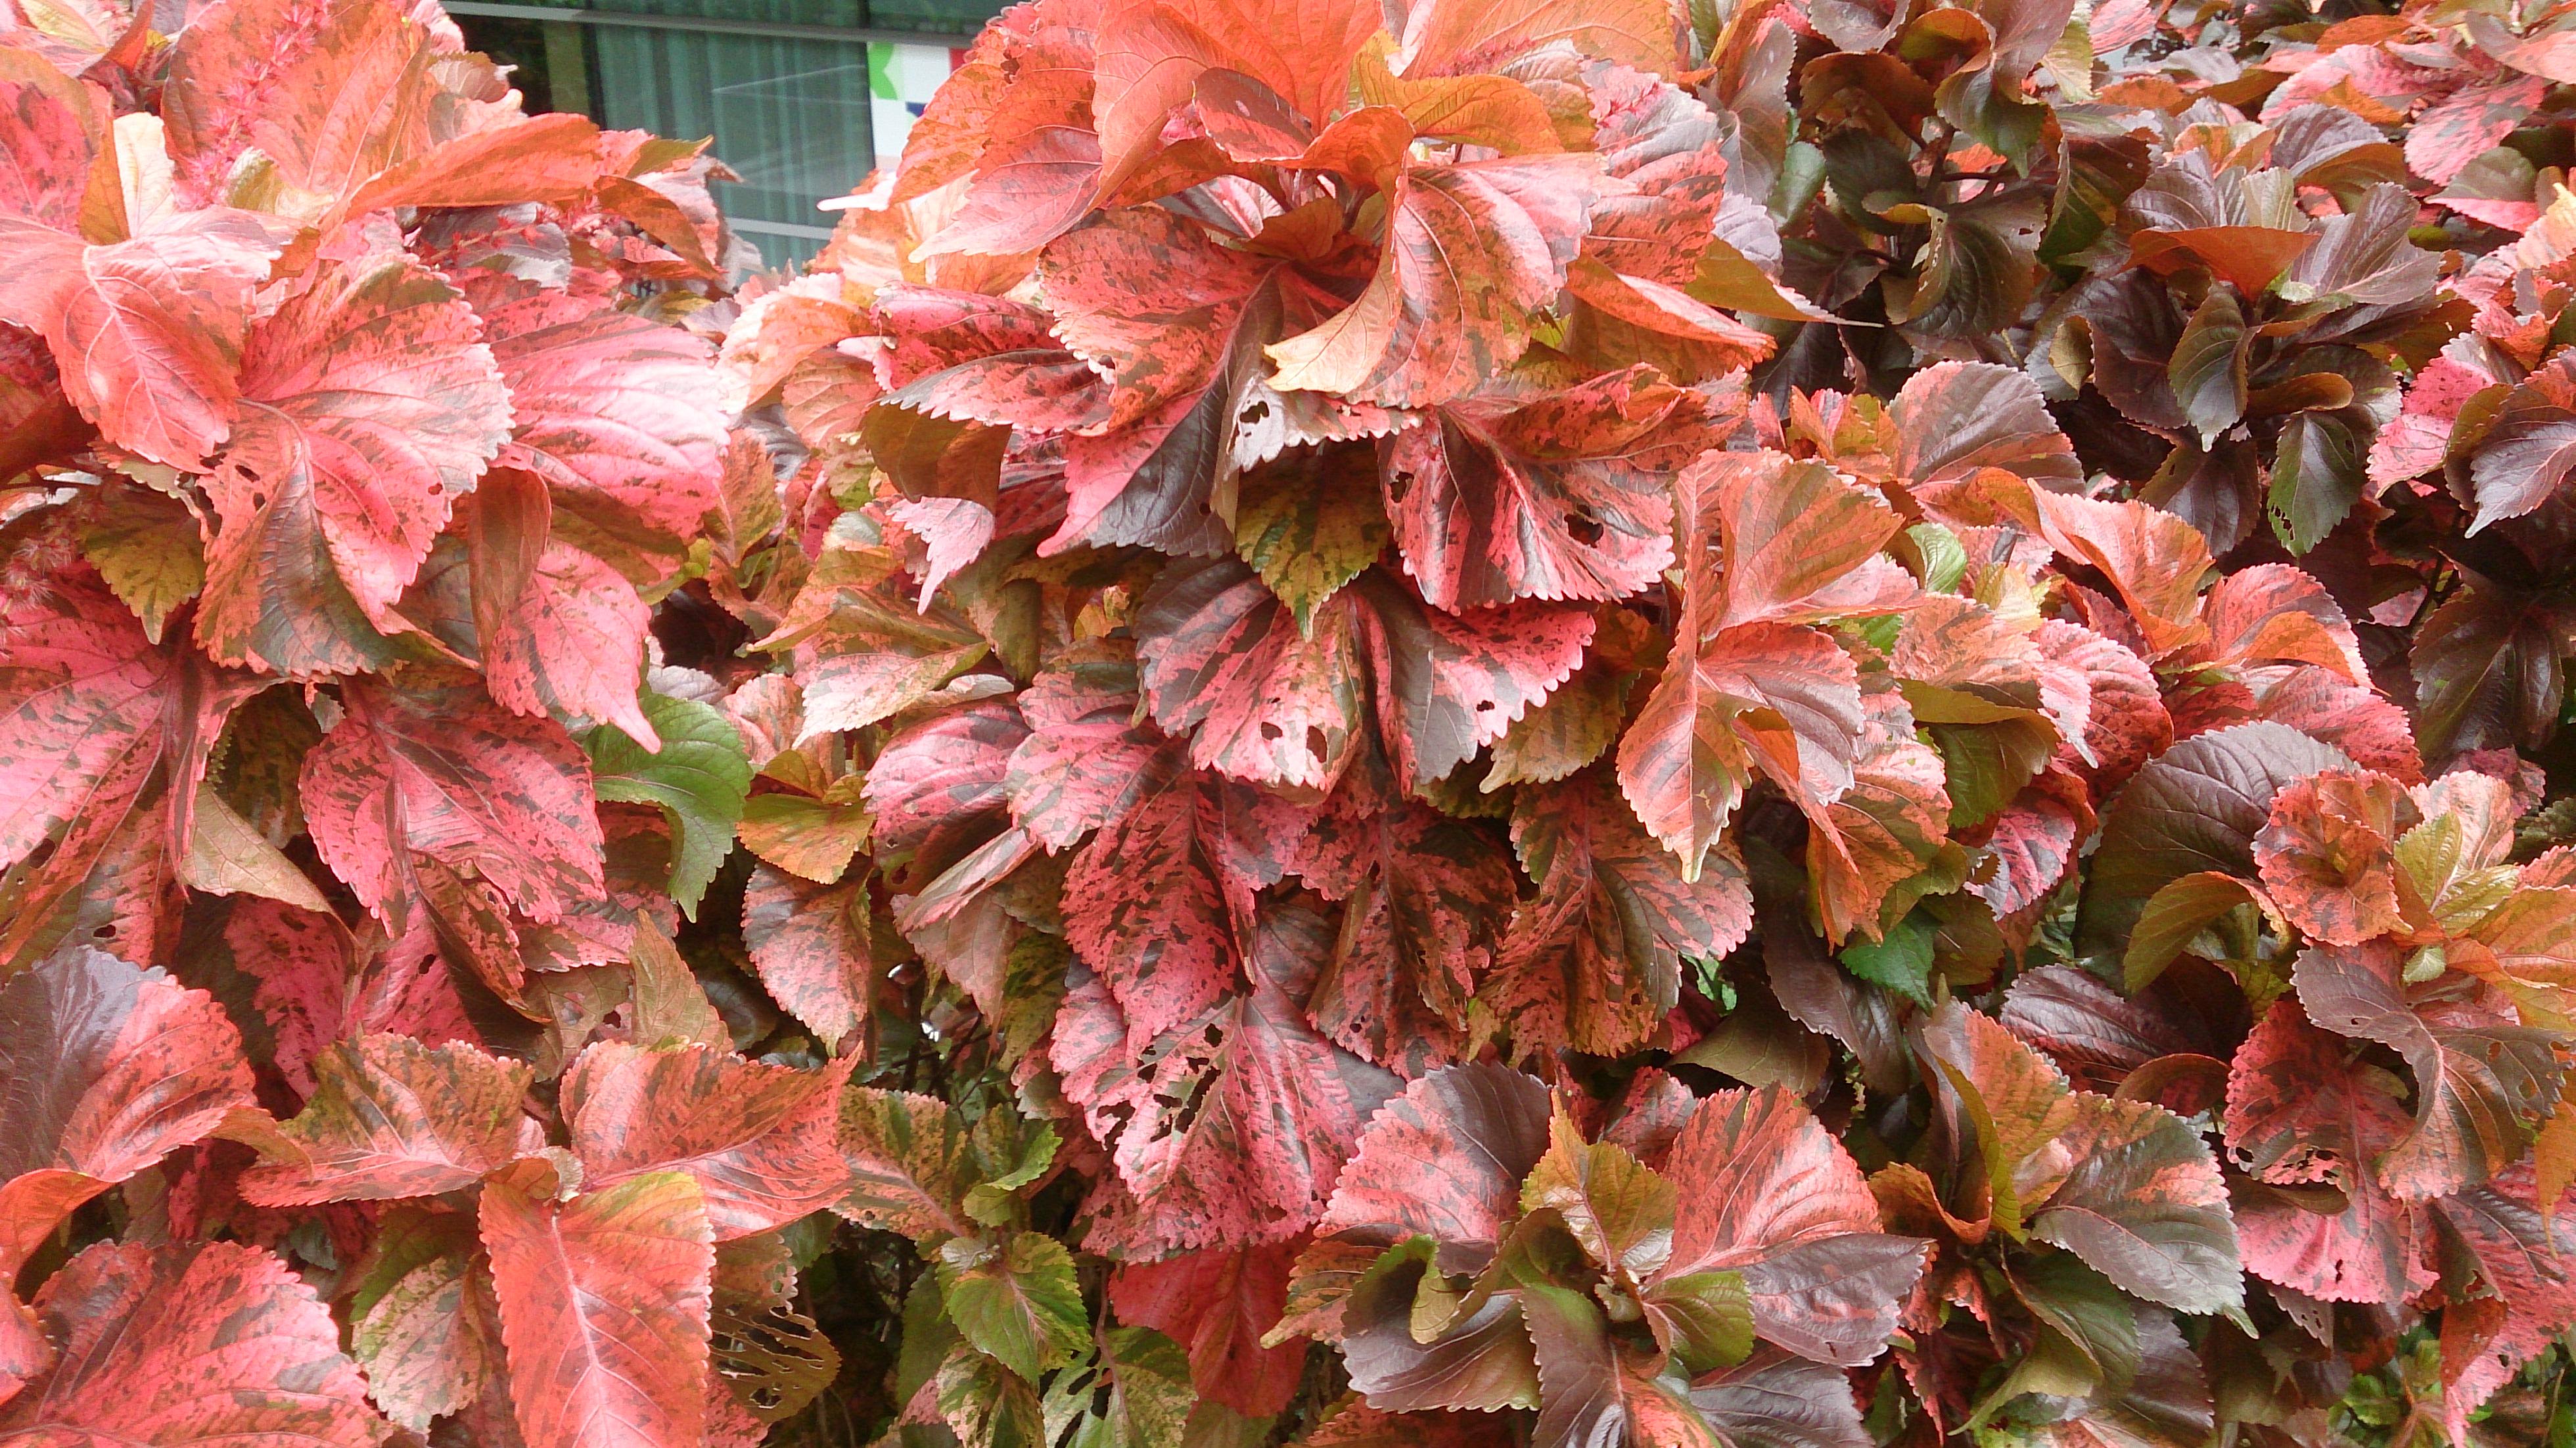 Filecopper Plant Acalypha Wilkesiana Mosaicajpg Wikimedia